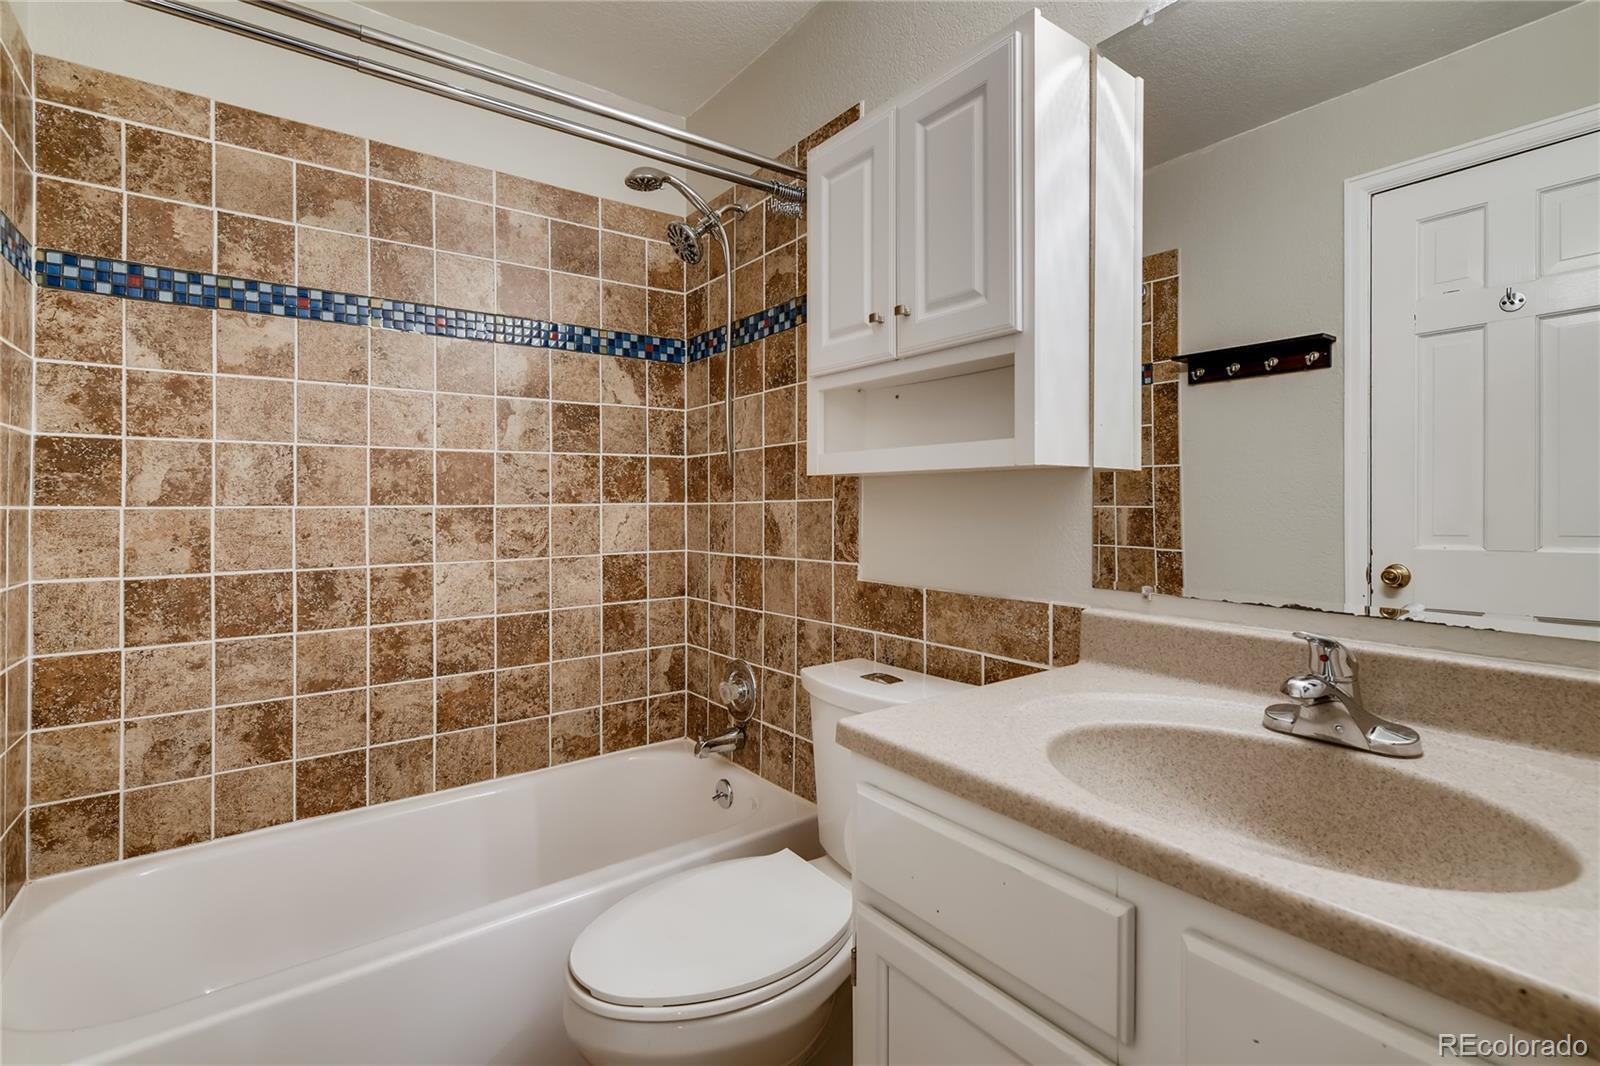 MLS# 2286573 - 36 - 836 S Vance Street #A, Lakewood, CO 80226